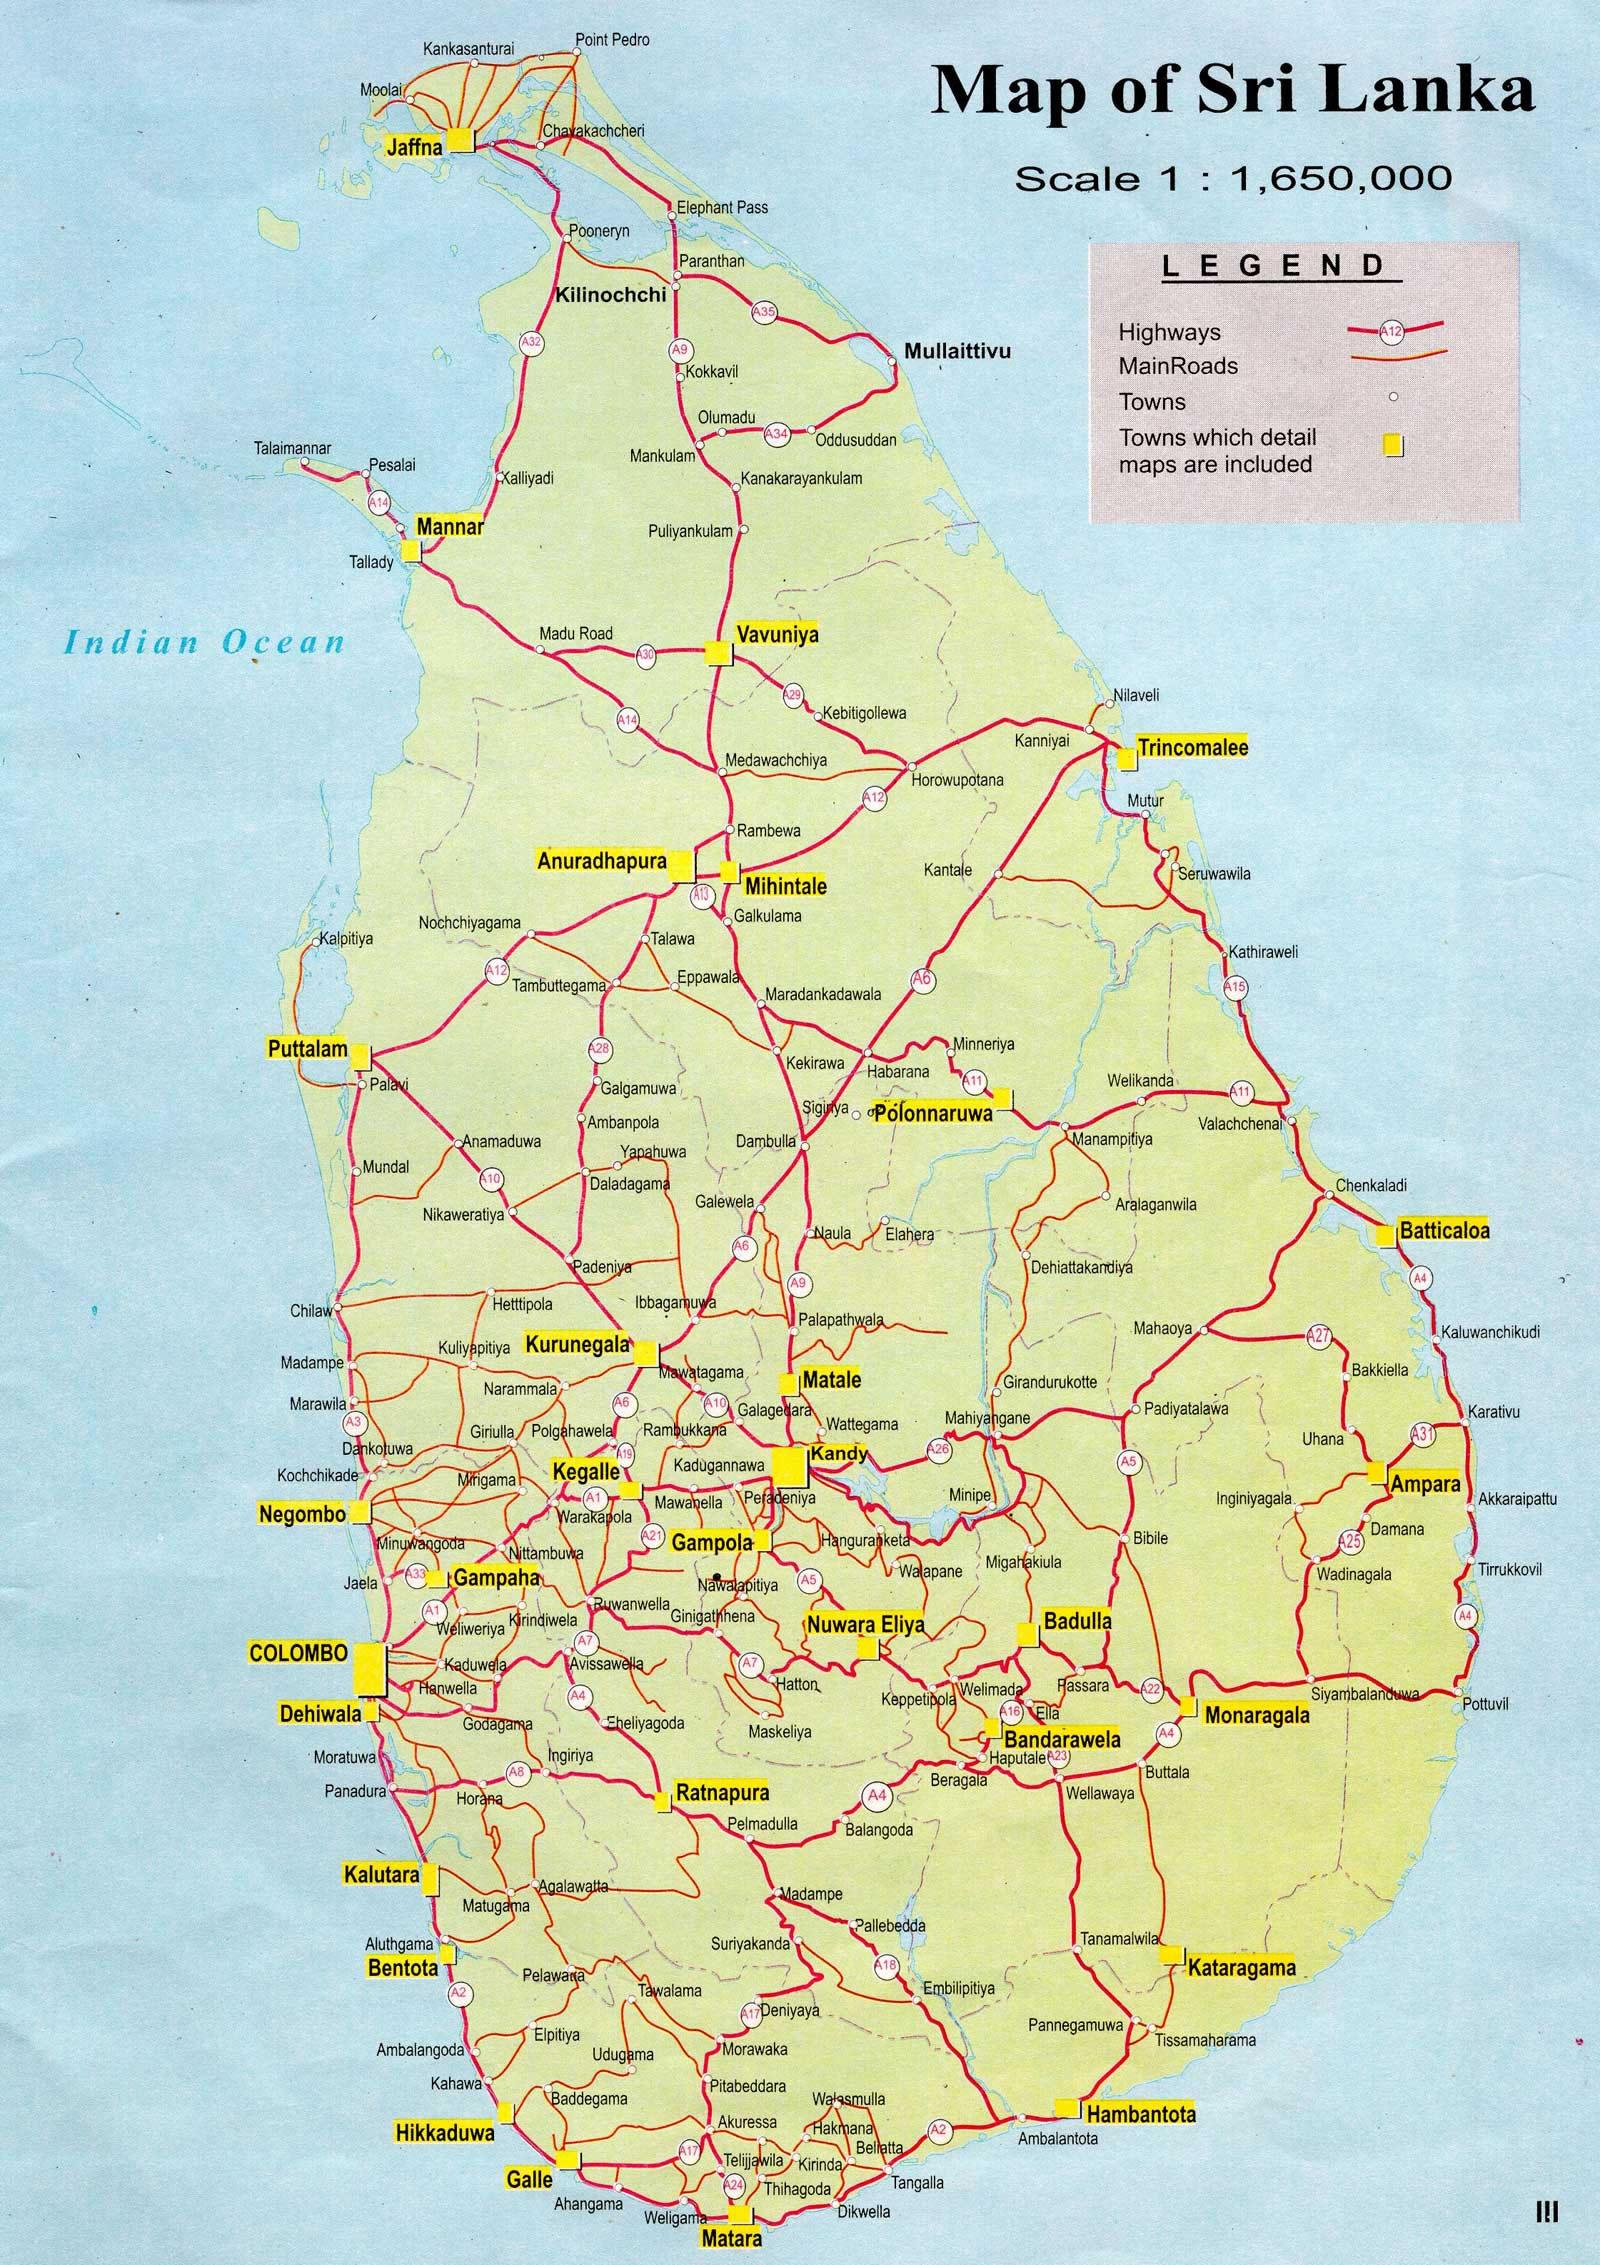 Carte Sri Lanka, Carte du pays Sri Lanka